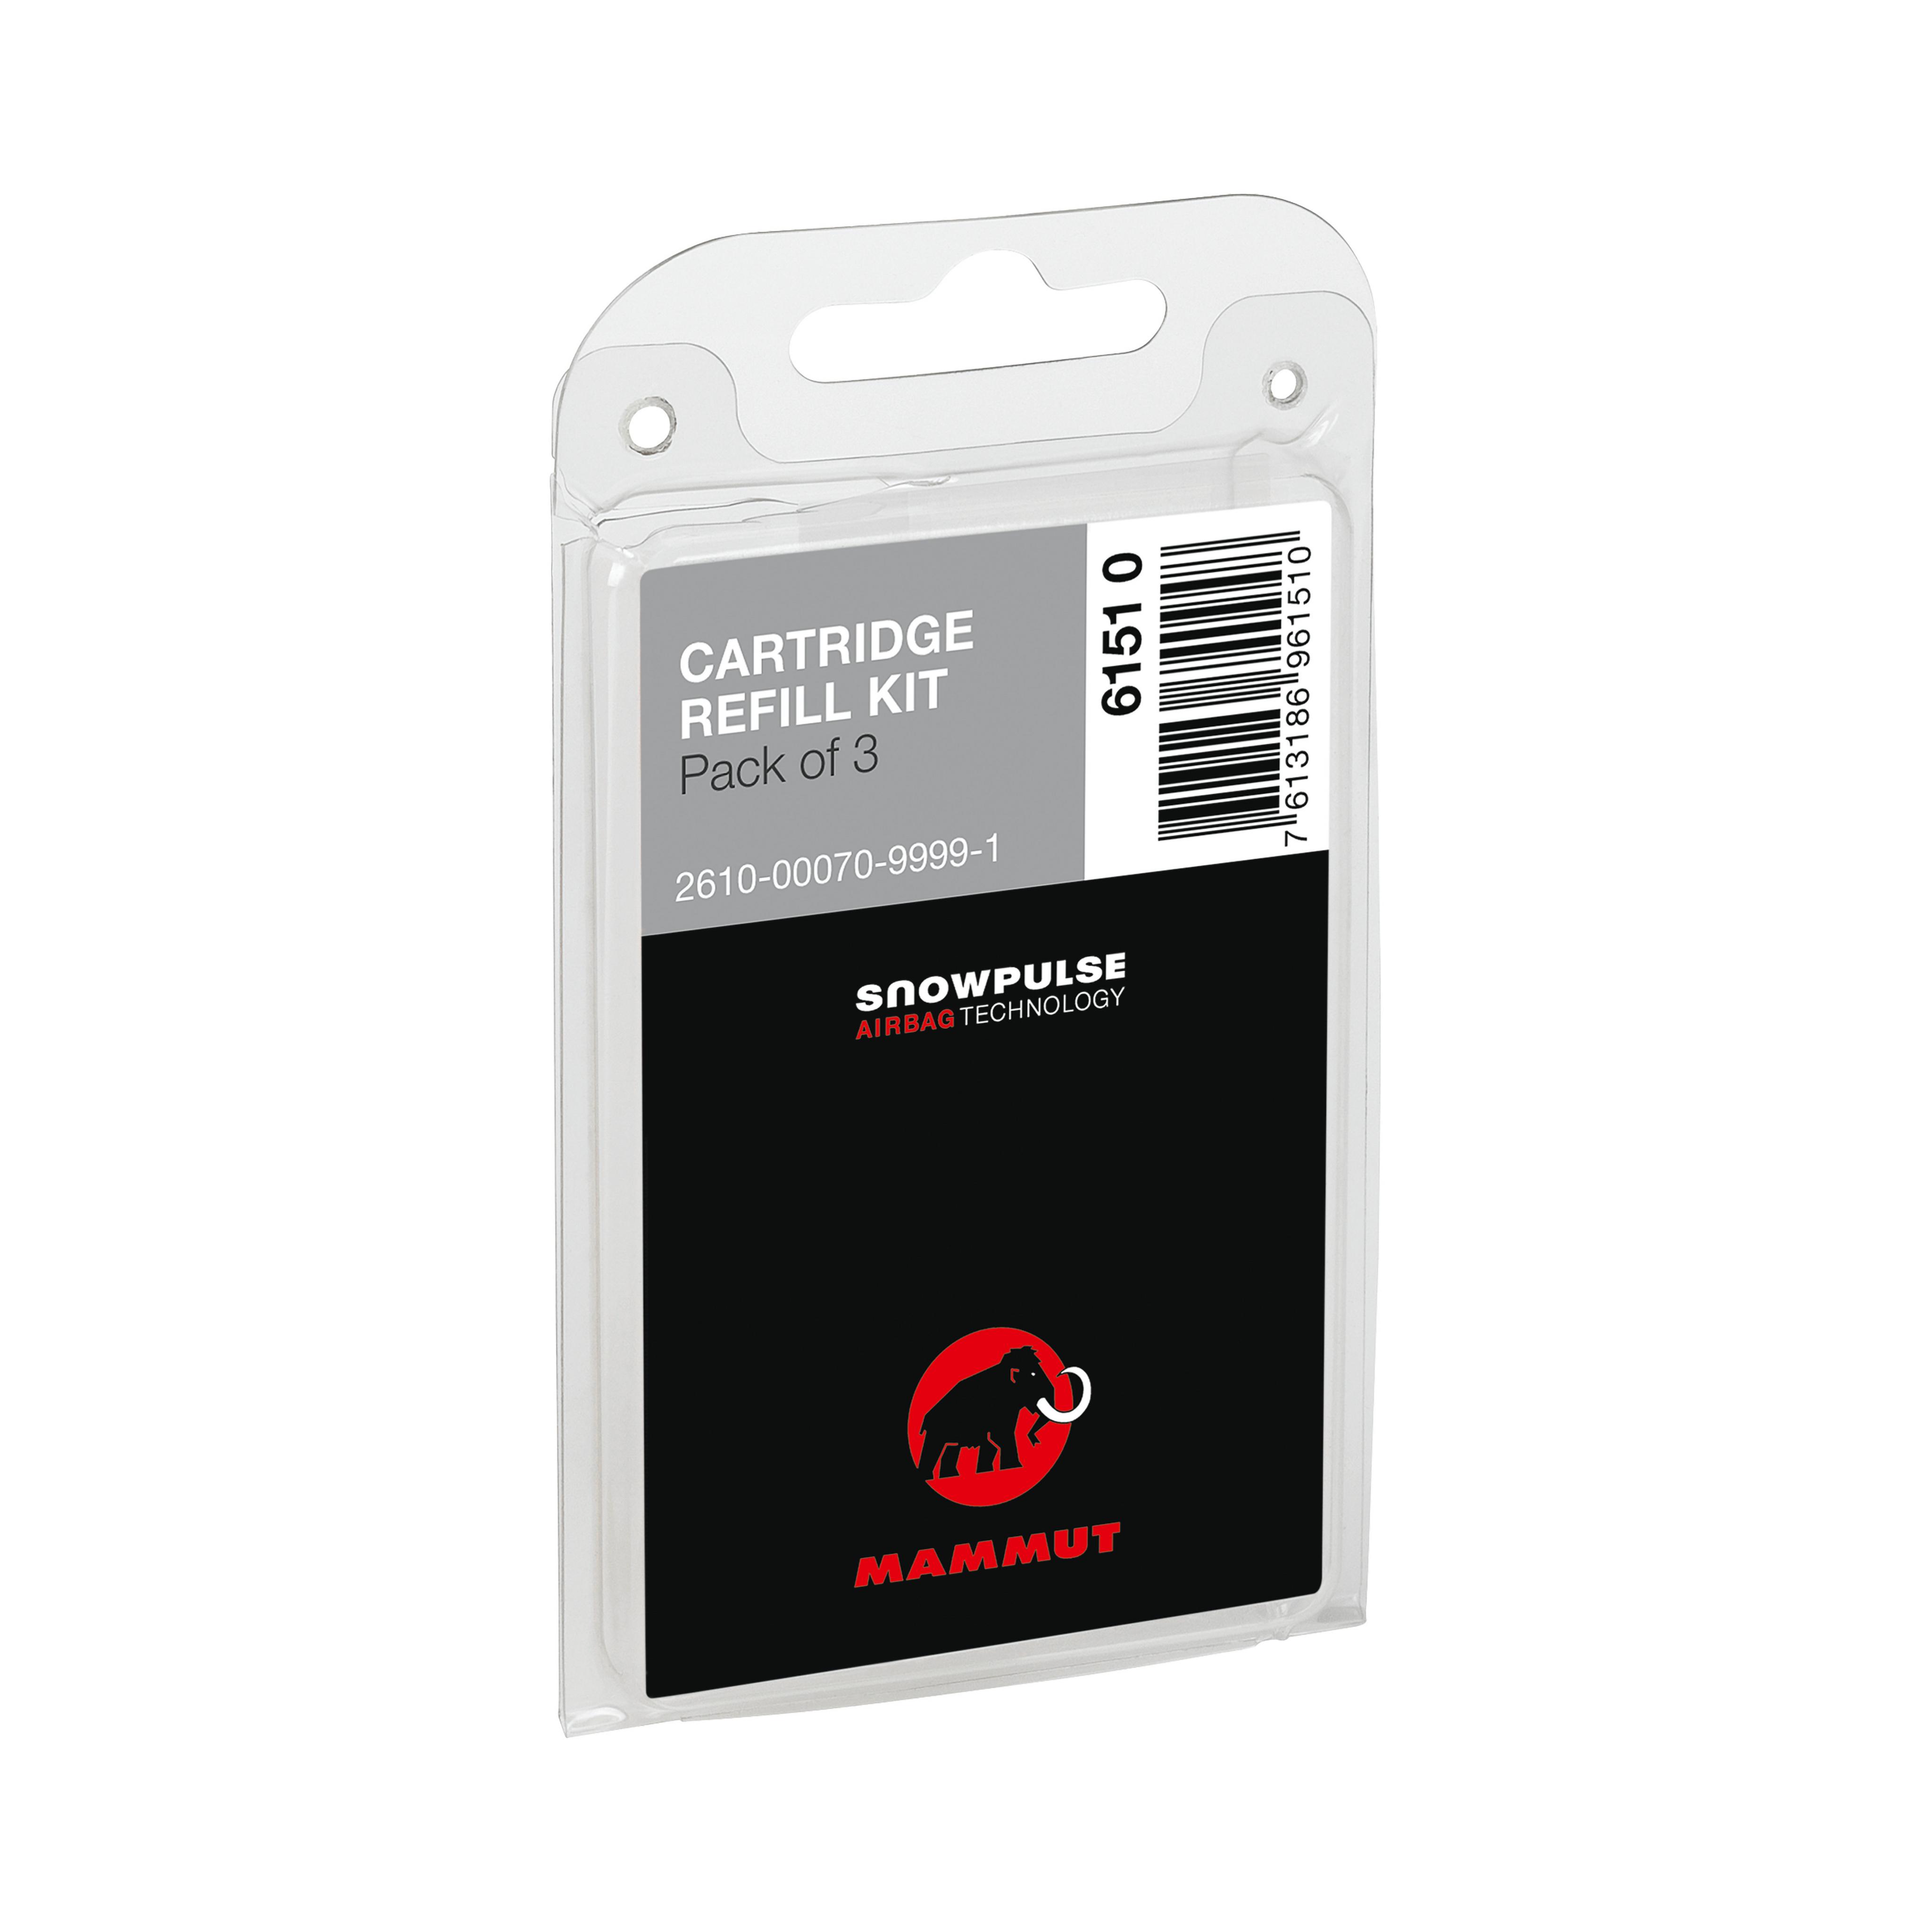 Cartridge Refill Kit (Pack of 3) thumbnail